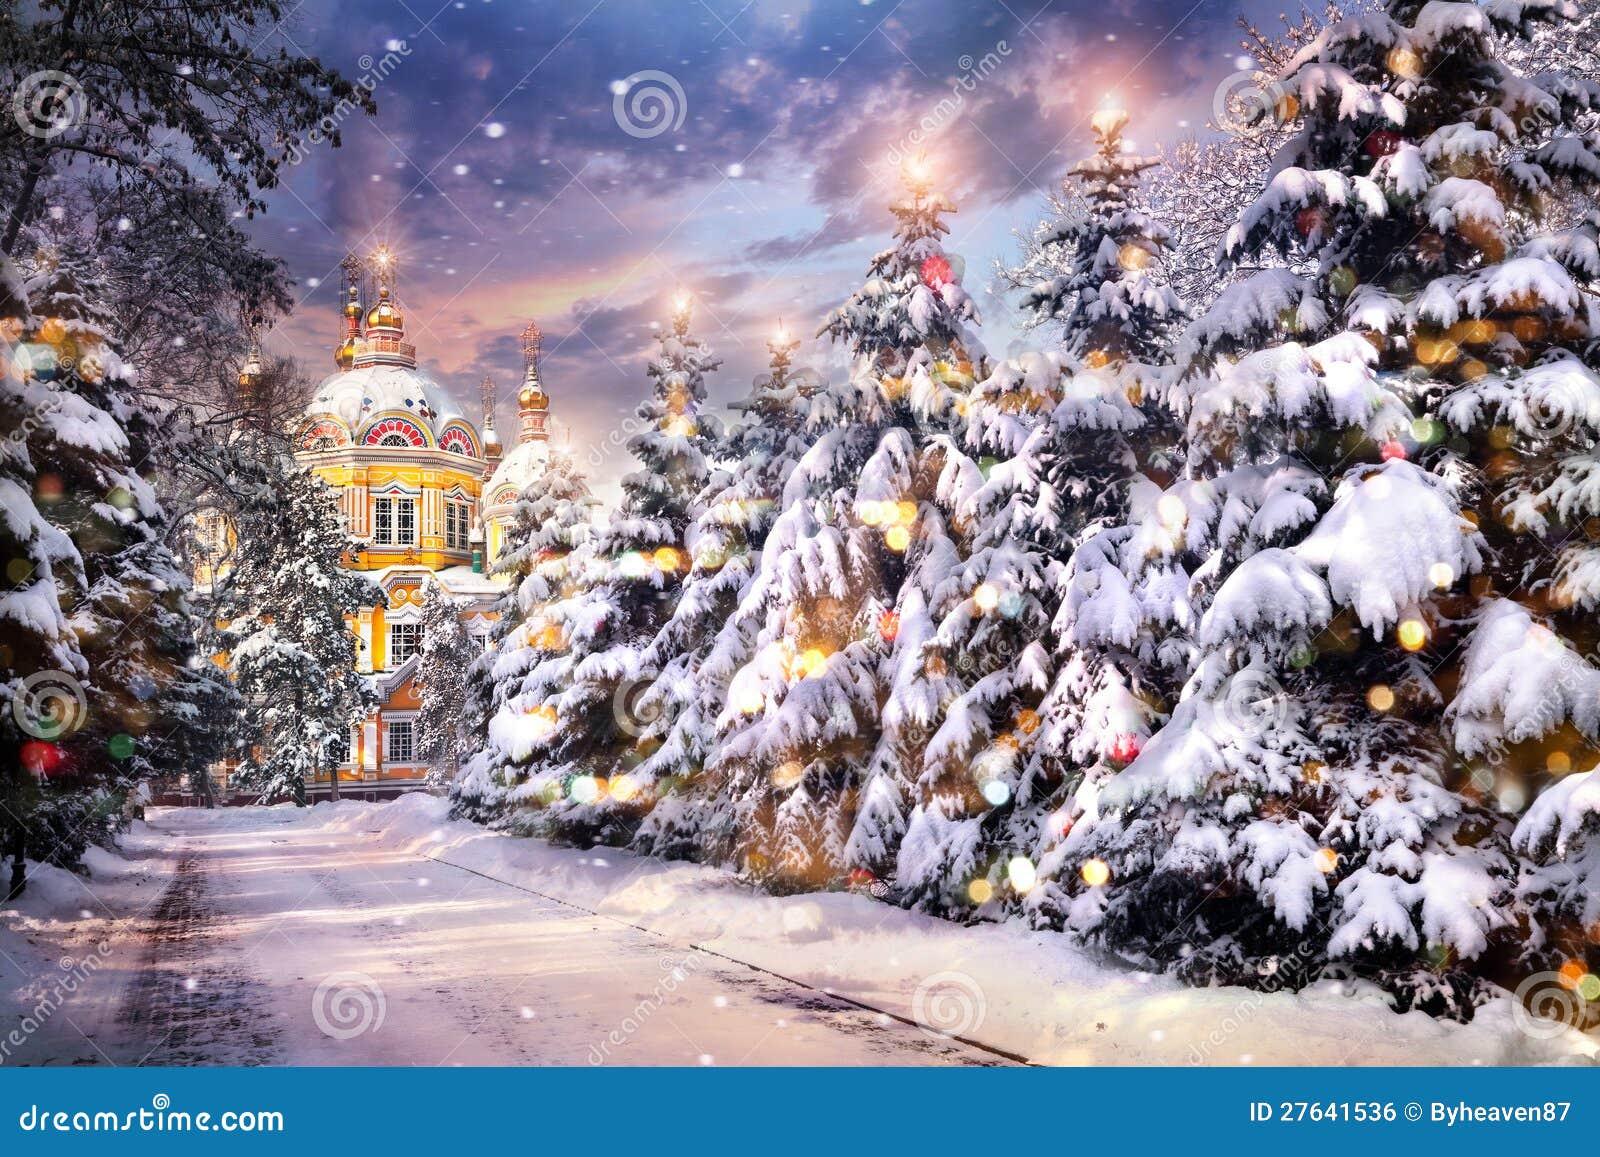 Рожденственская ночь